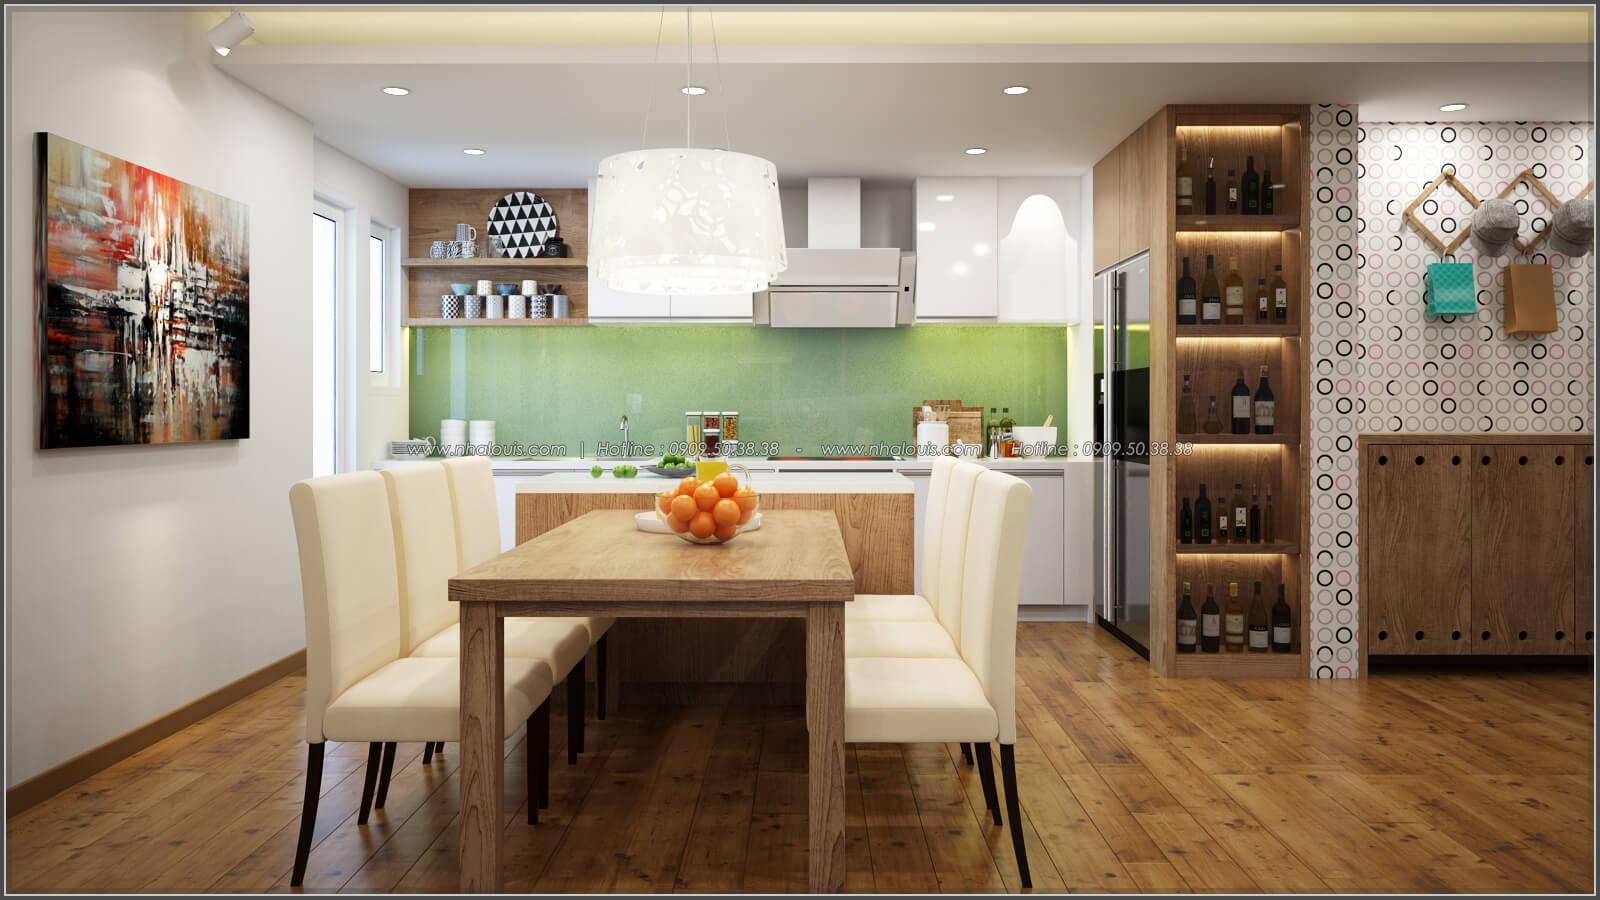 Phòng bếp và phòng ăn Thiết kế căn hộ chung cư 3 phòng ngủ Happy Valley quận 7 - 6